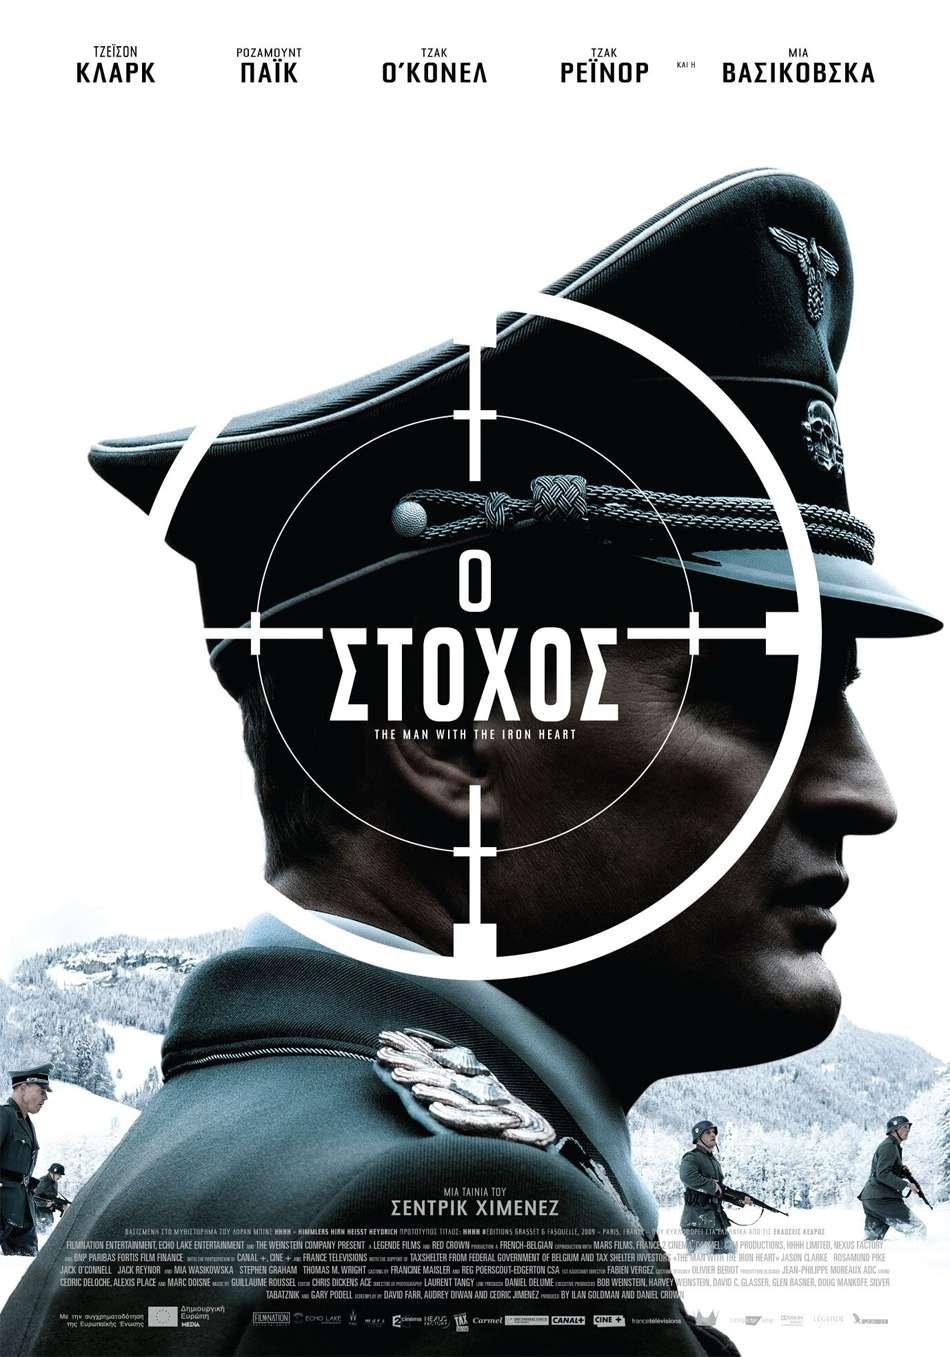 Ο Στόχος (The Man With the Iron Heart) Poster Πόστερ